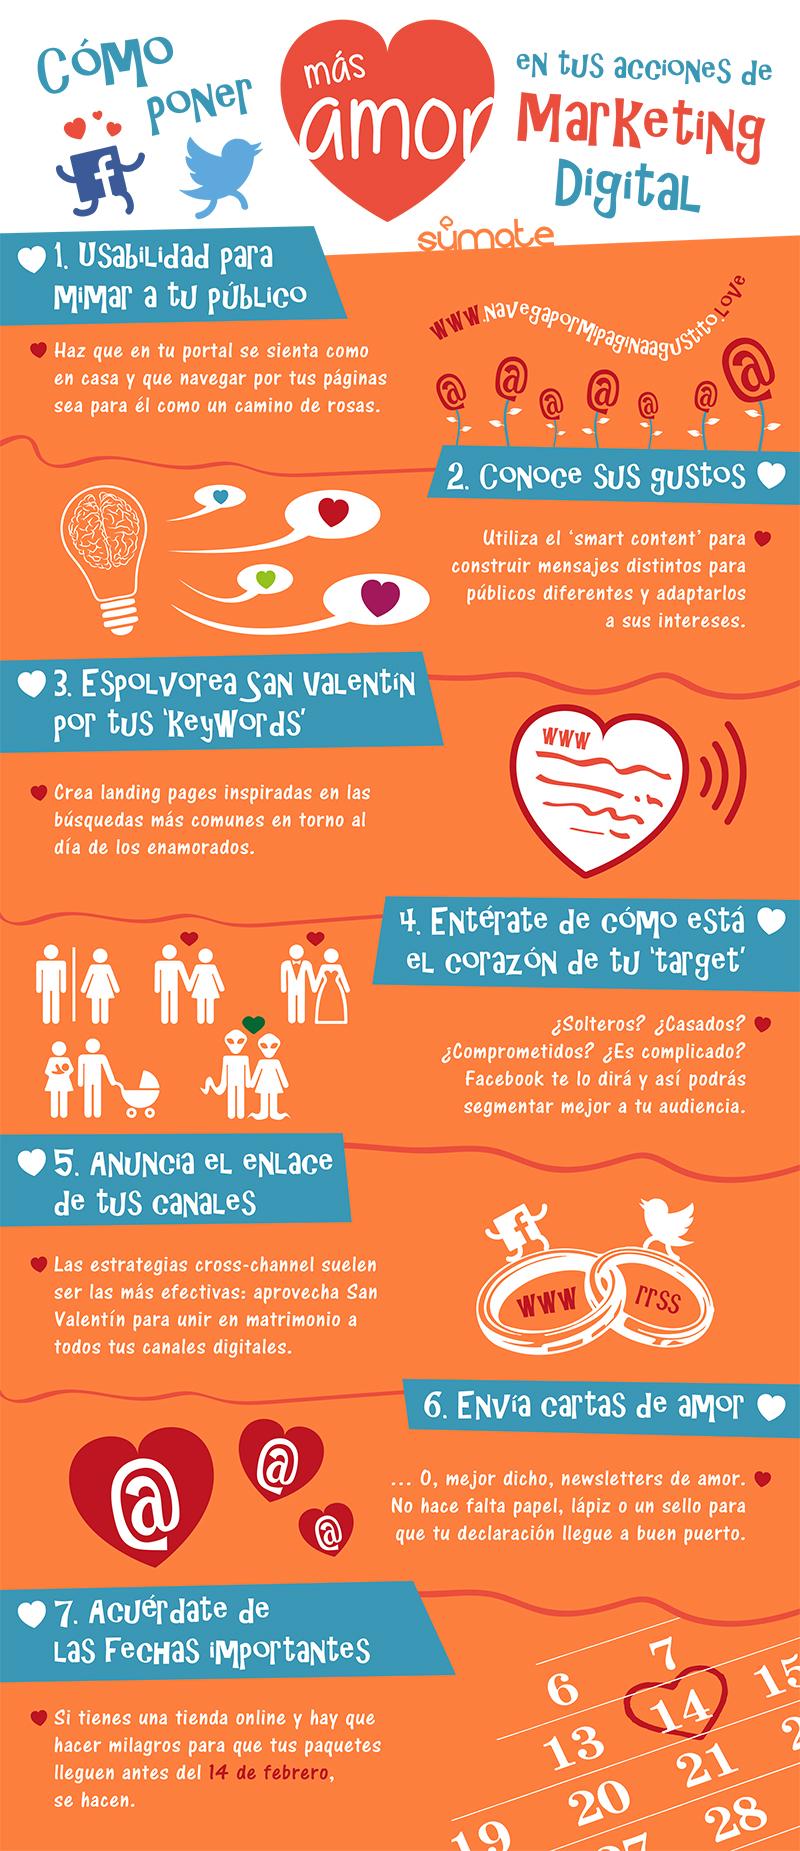 San Valentín - Cómo poner más amor en tus acciones de marketing digital